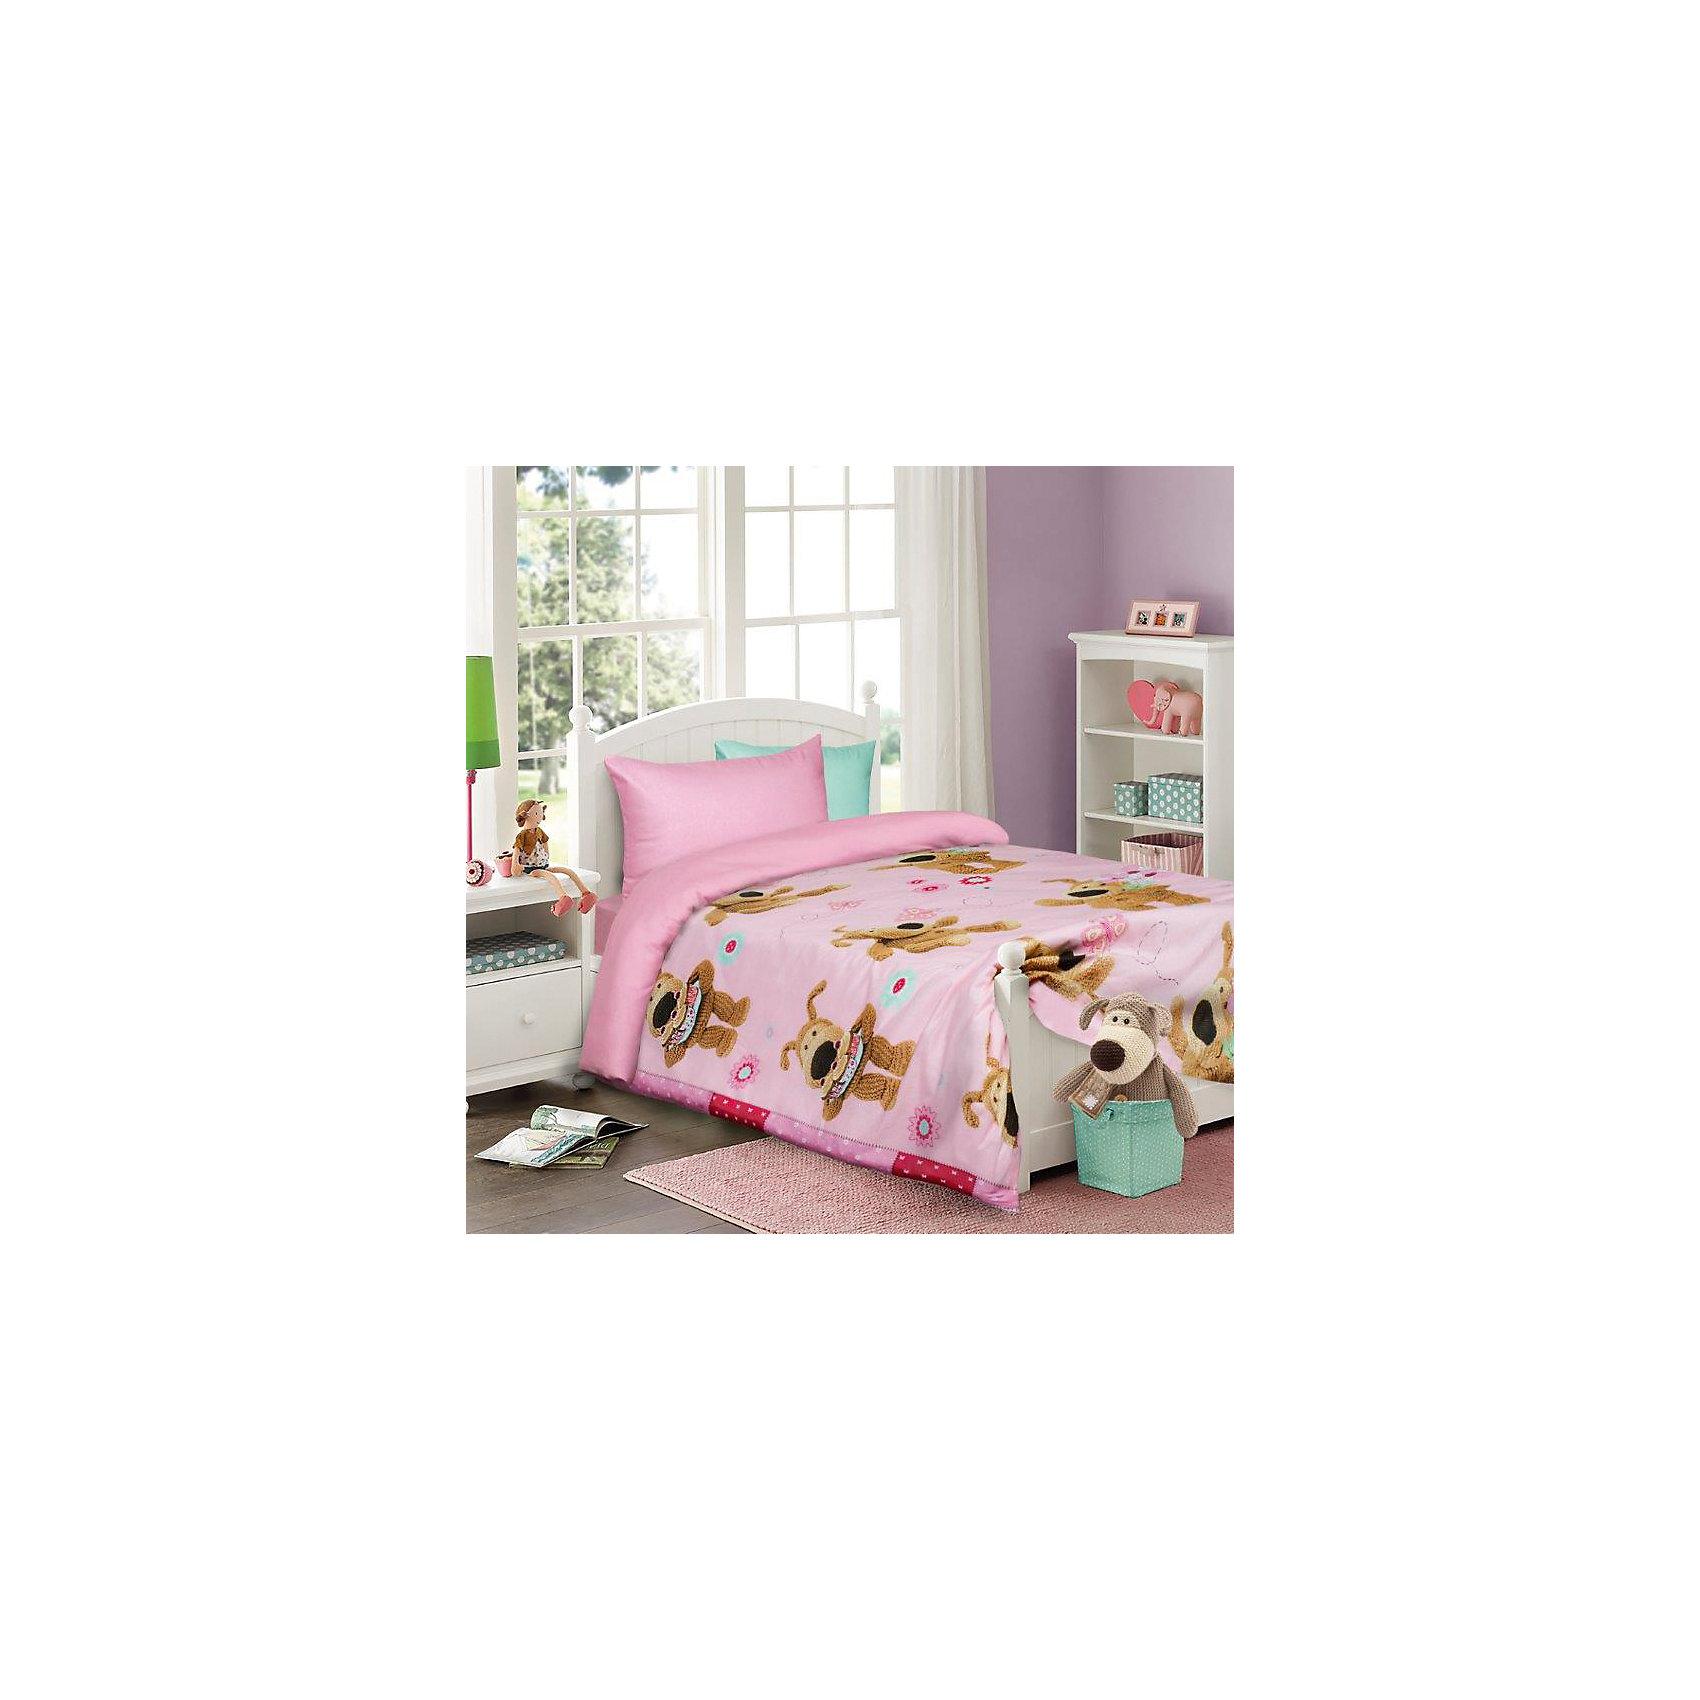 Постельное белье детское Буфл, 1,5-спальный (на розовом, 50*70)Прекрасный комплект постельного белья с яркими и красочными персонажами любимых мультфильмов.<br><br>Дополнительная информация:<br><br>- Используется только высококачественный материал и безопасные красители<br>- Ткань - бязь (100% хлопок),<br>- Производство: Россия. Товар сертифицирован.<br>-  Размер:  Пододеяльник 145х210; простынь, 150х215; наволочка 50х70. <br>Размер в упаковке: 25х4,5х33 см.<br>Вес в упаковке: 1150 г.<br><br>Сделайте  приятный сюрприз своему малышу!<br><br>Детский комплект Boofle на розовом можно купить в нашем магазине.<br><br>Ширина мм: 250<br>Глубина мм: 45<br>Высота мм: 330<br>Вес г: 1150<br>Возраст от месяцев: 36<br>Возраст до месяцев: 144<br>Пол: Женский<br>Возраст: Детский<br>SKU: 4724679